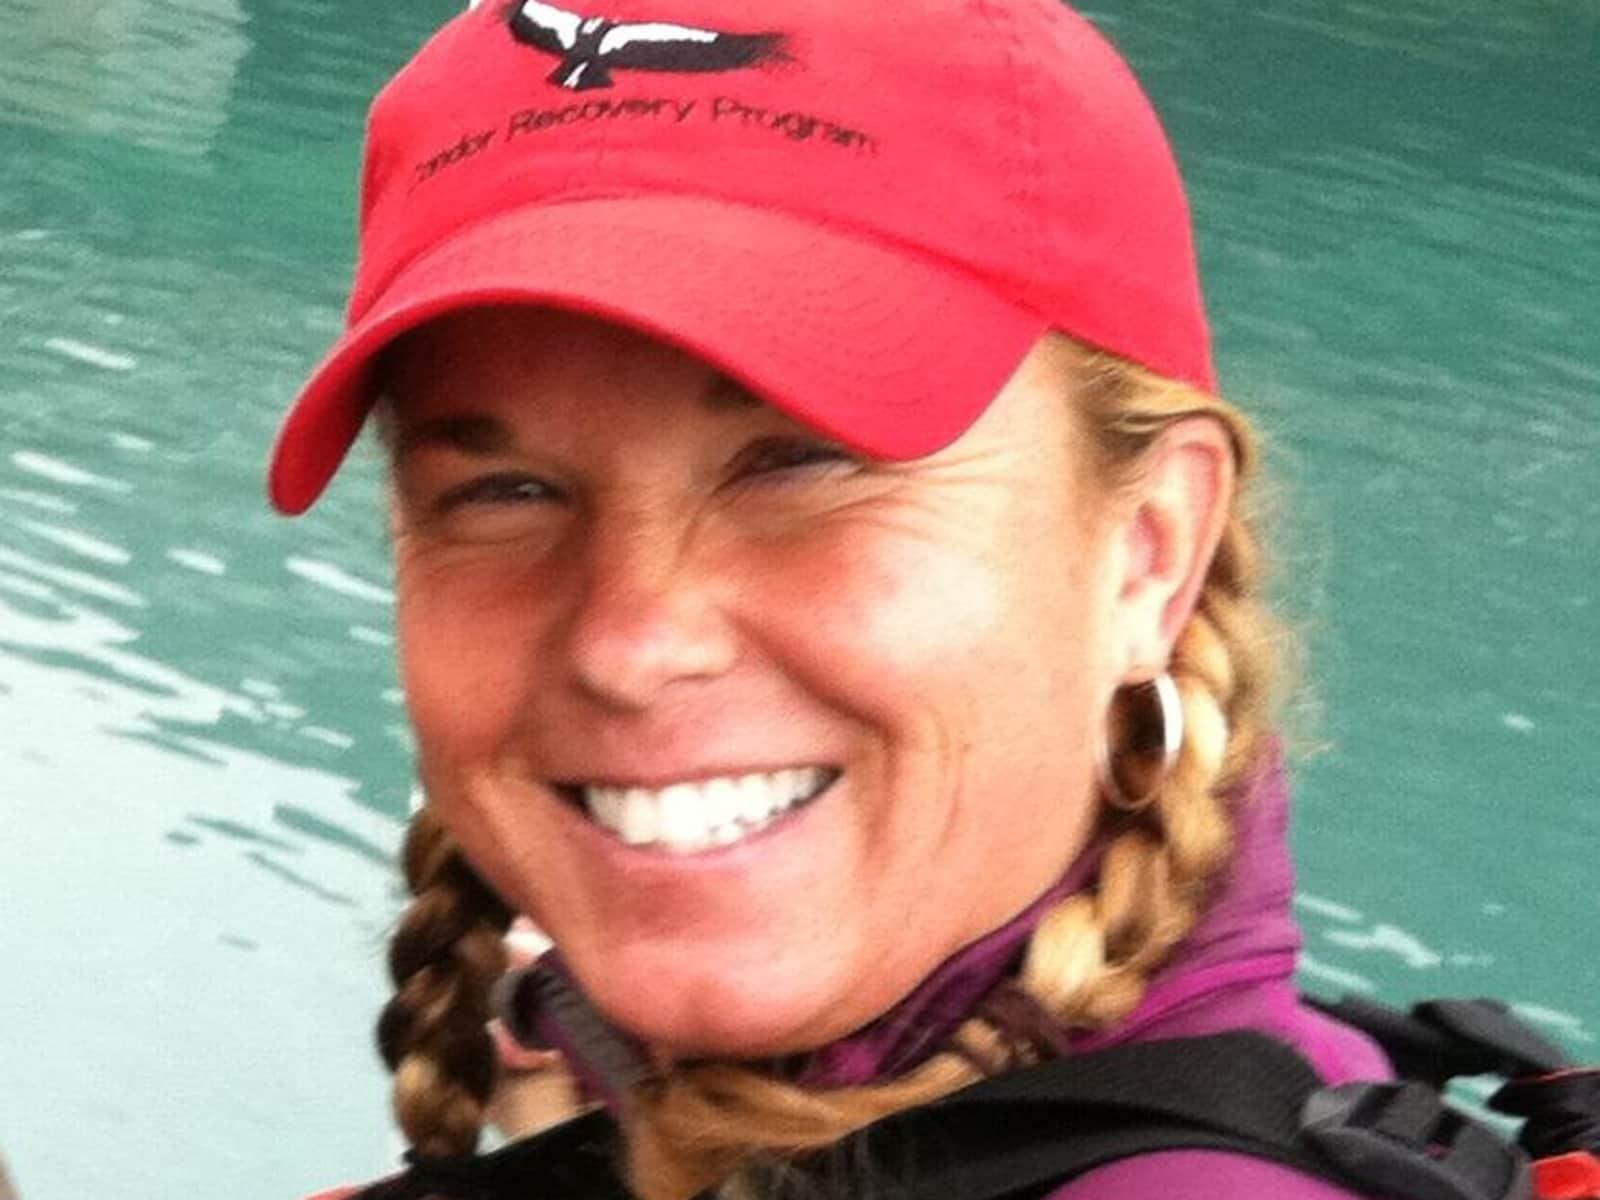 Kathy from Happy Jack, Arizona, United States